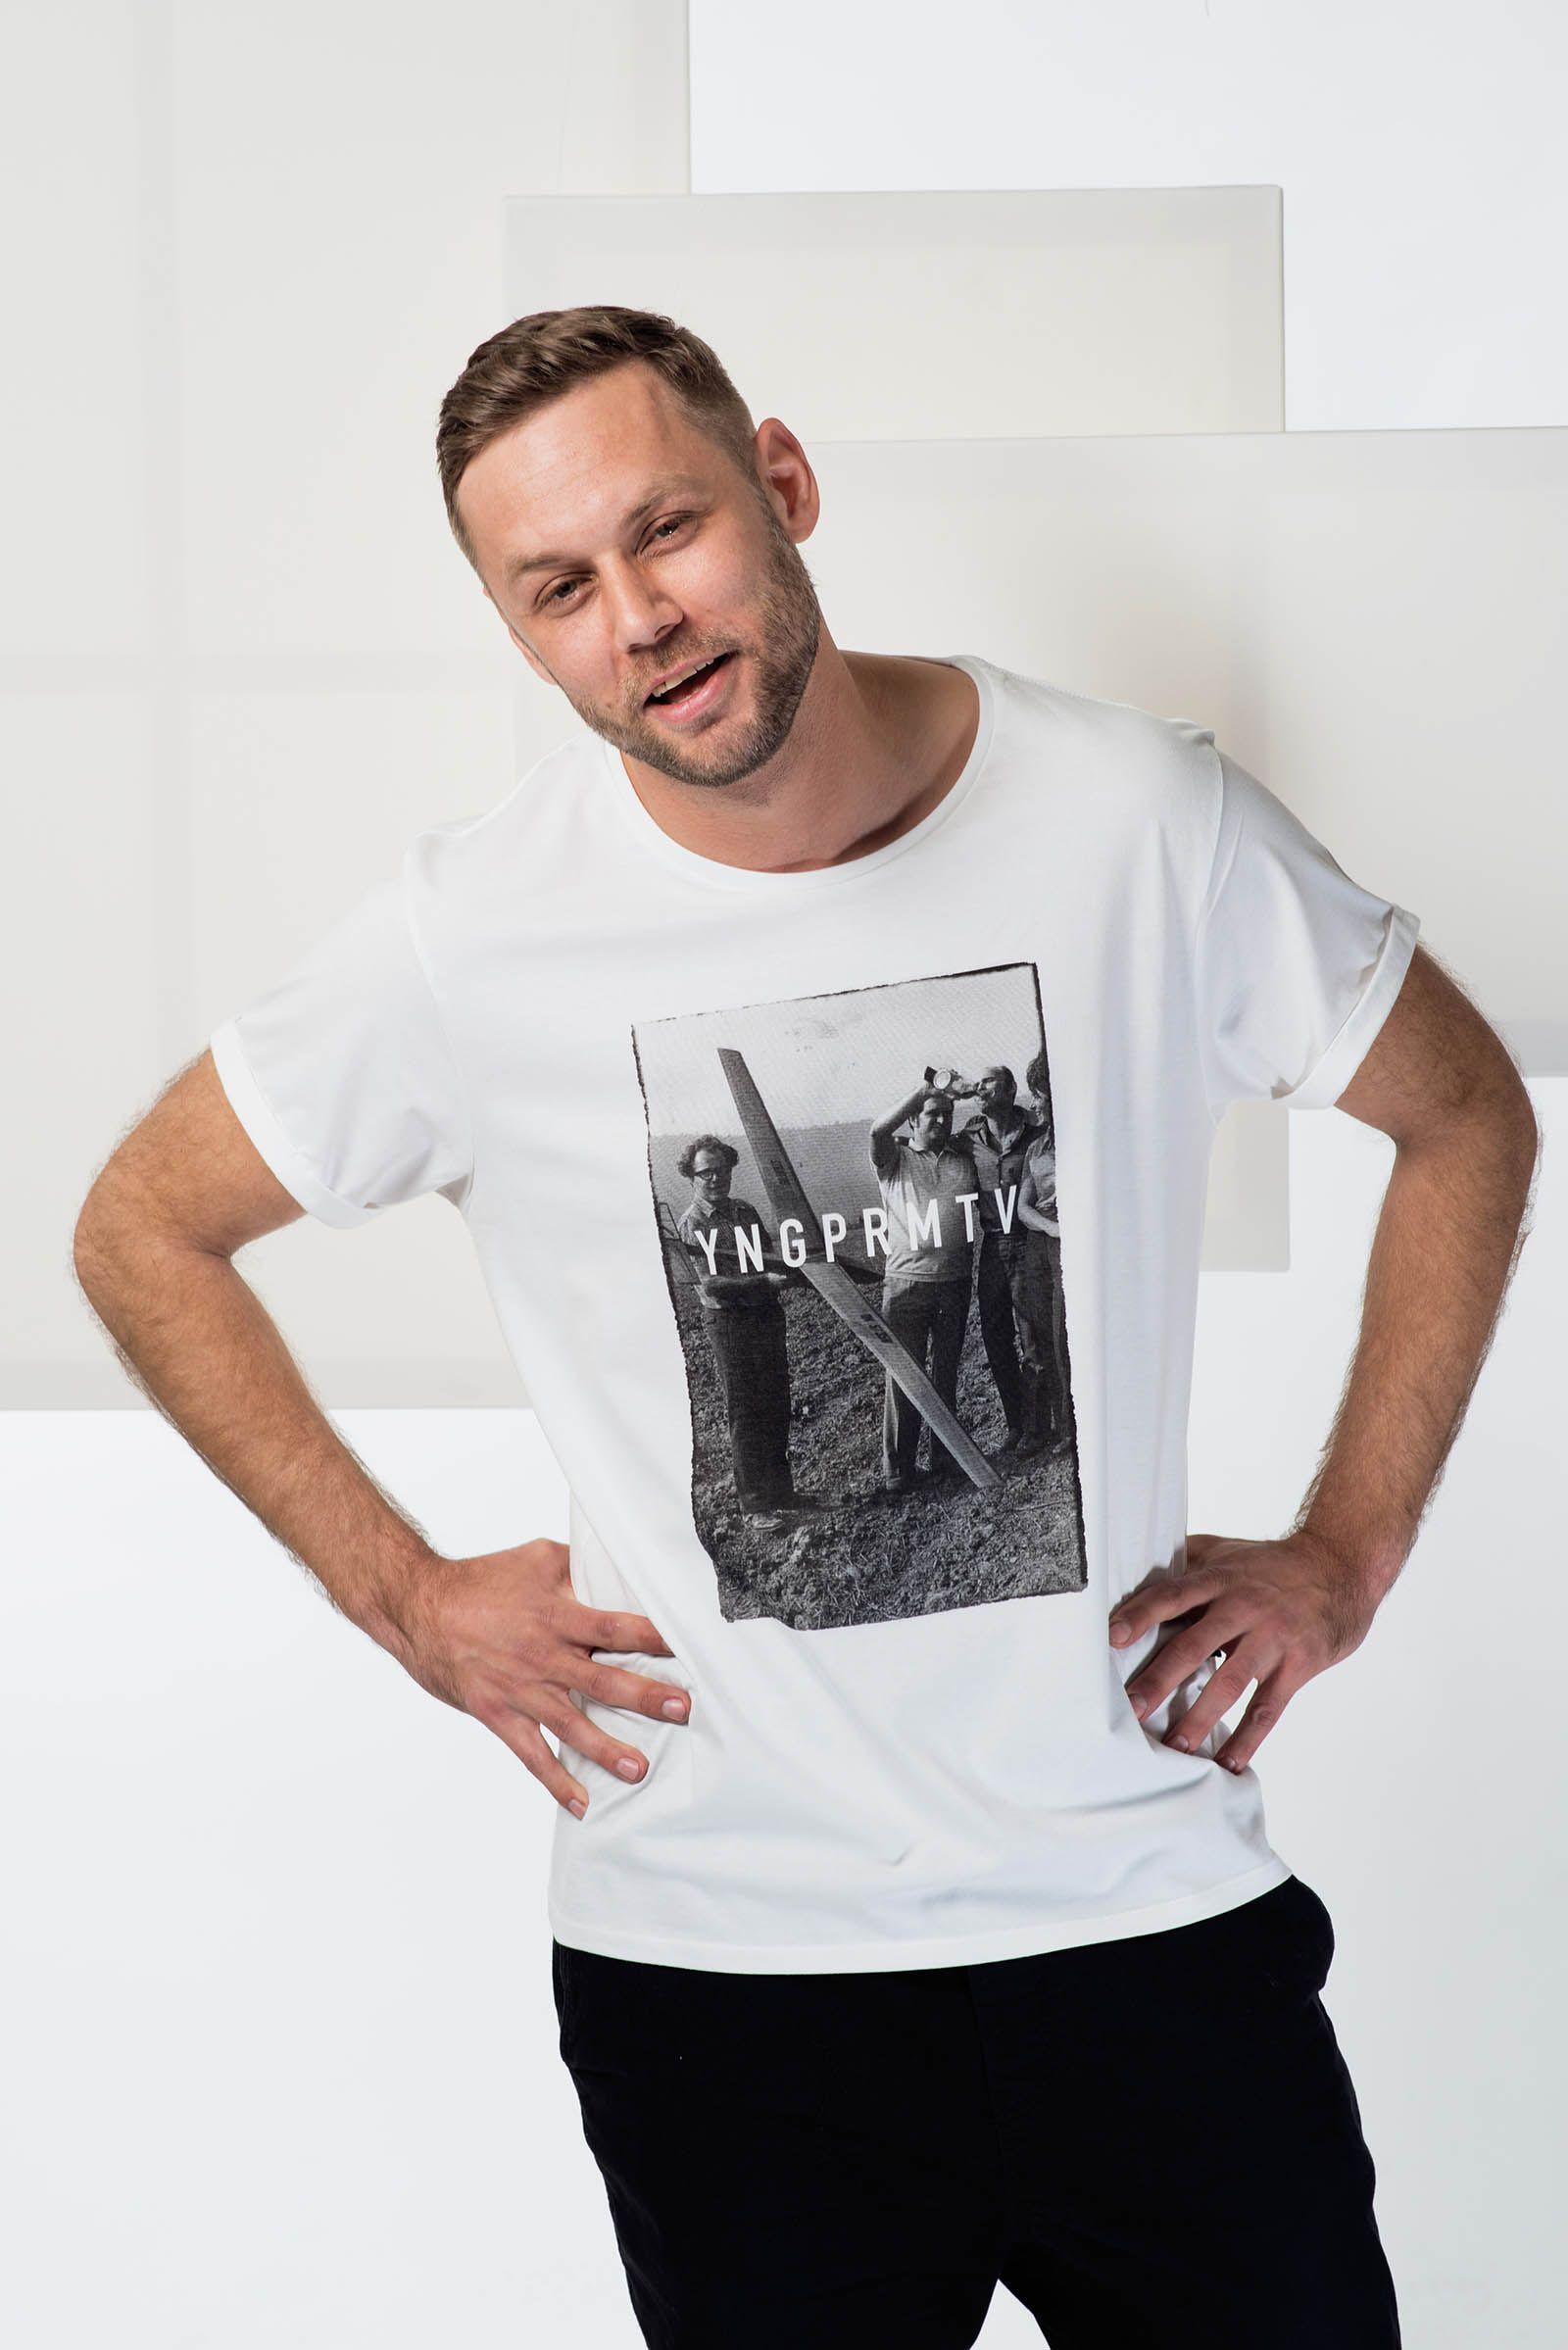 d6d685ac1e0 Be social   Pánská trička Youngprimitive. Originální tričko pro kluky.